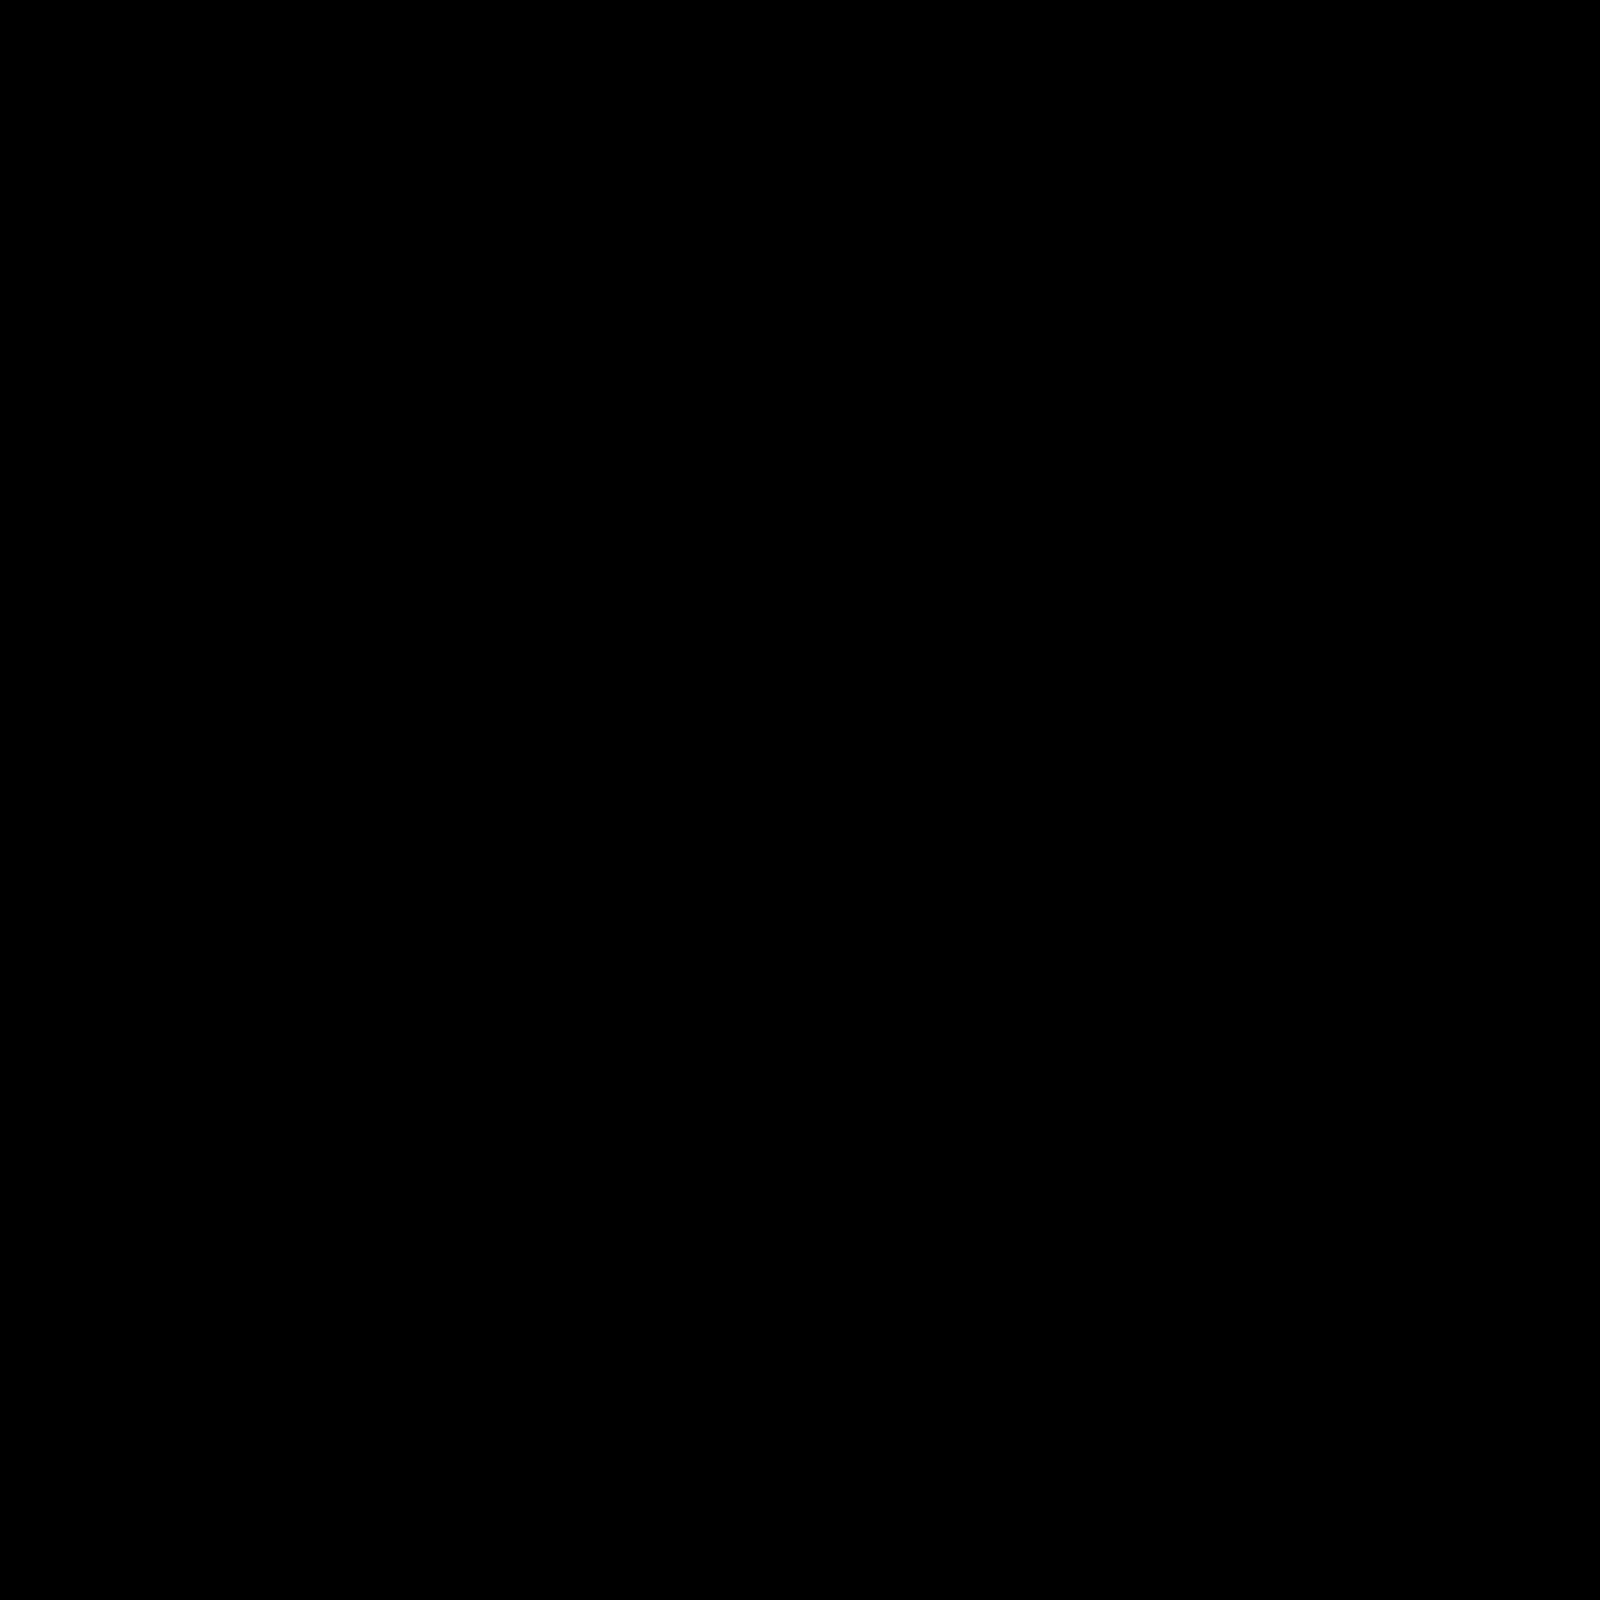 Pressure Vessel icon